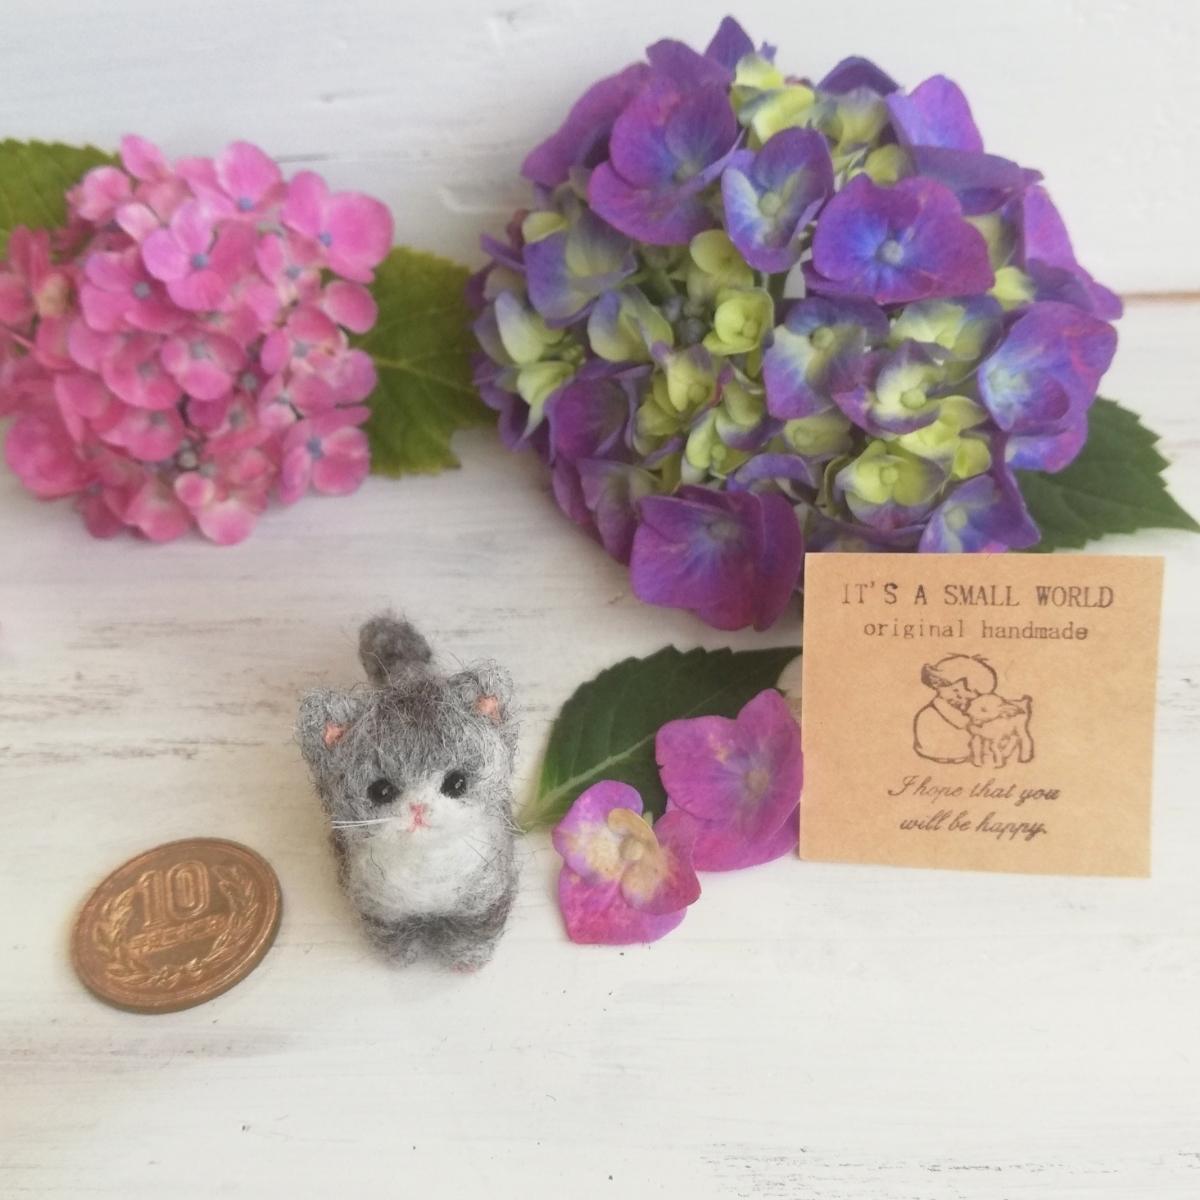 IT'S A SMALL WORLD*羊毛ミニチュア子猫・さばとら猫 お座りポーズ・レギュラーサイズ*羊毛フェルト_画像2